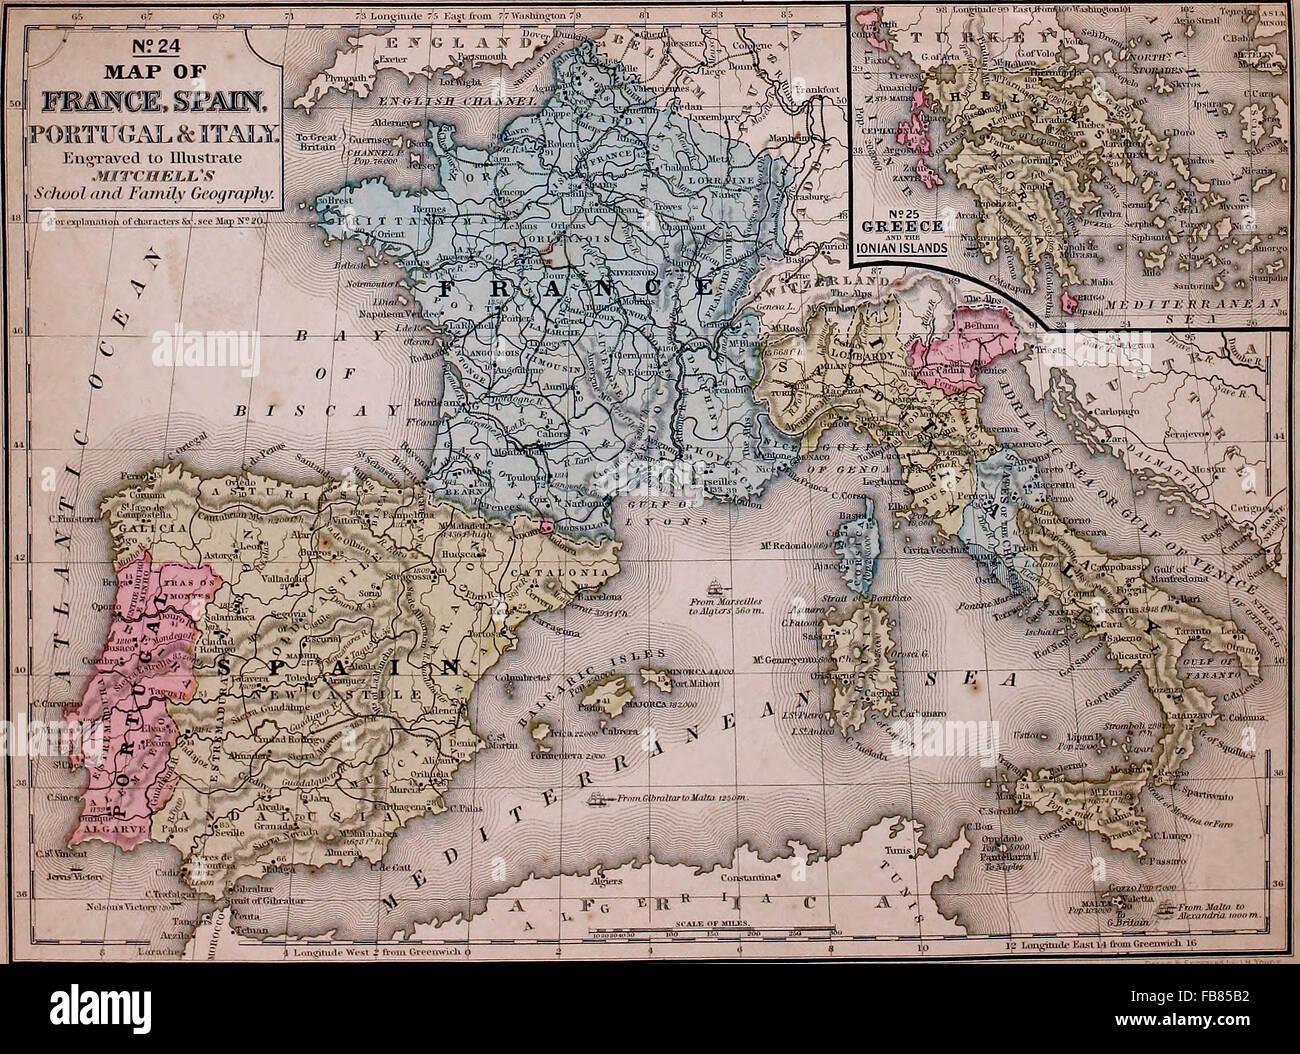 Cartina Italia Francia E Spagna.Mappa Di Francia Spagna Portogallo E Italia Con Una Grecia Inset